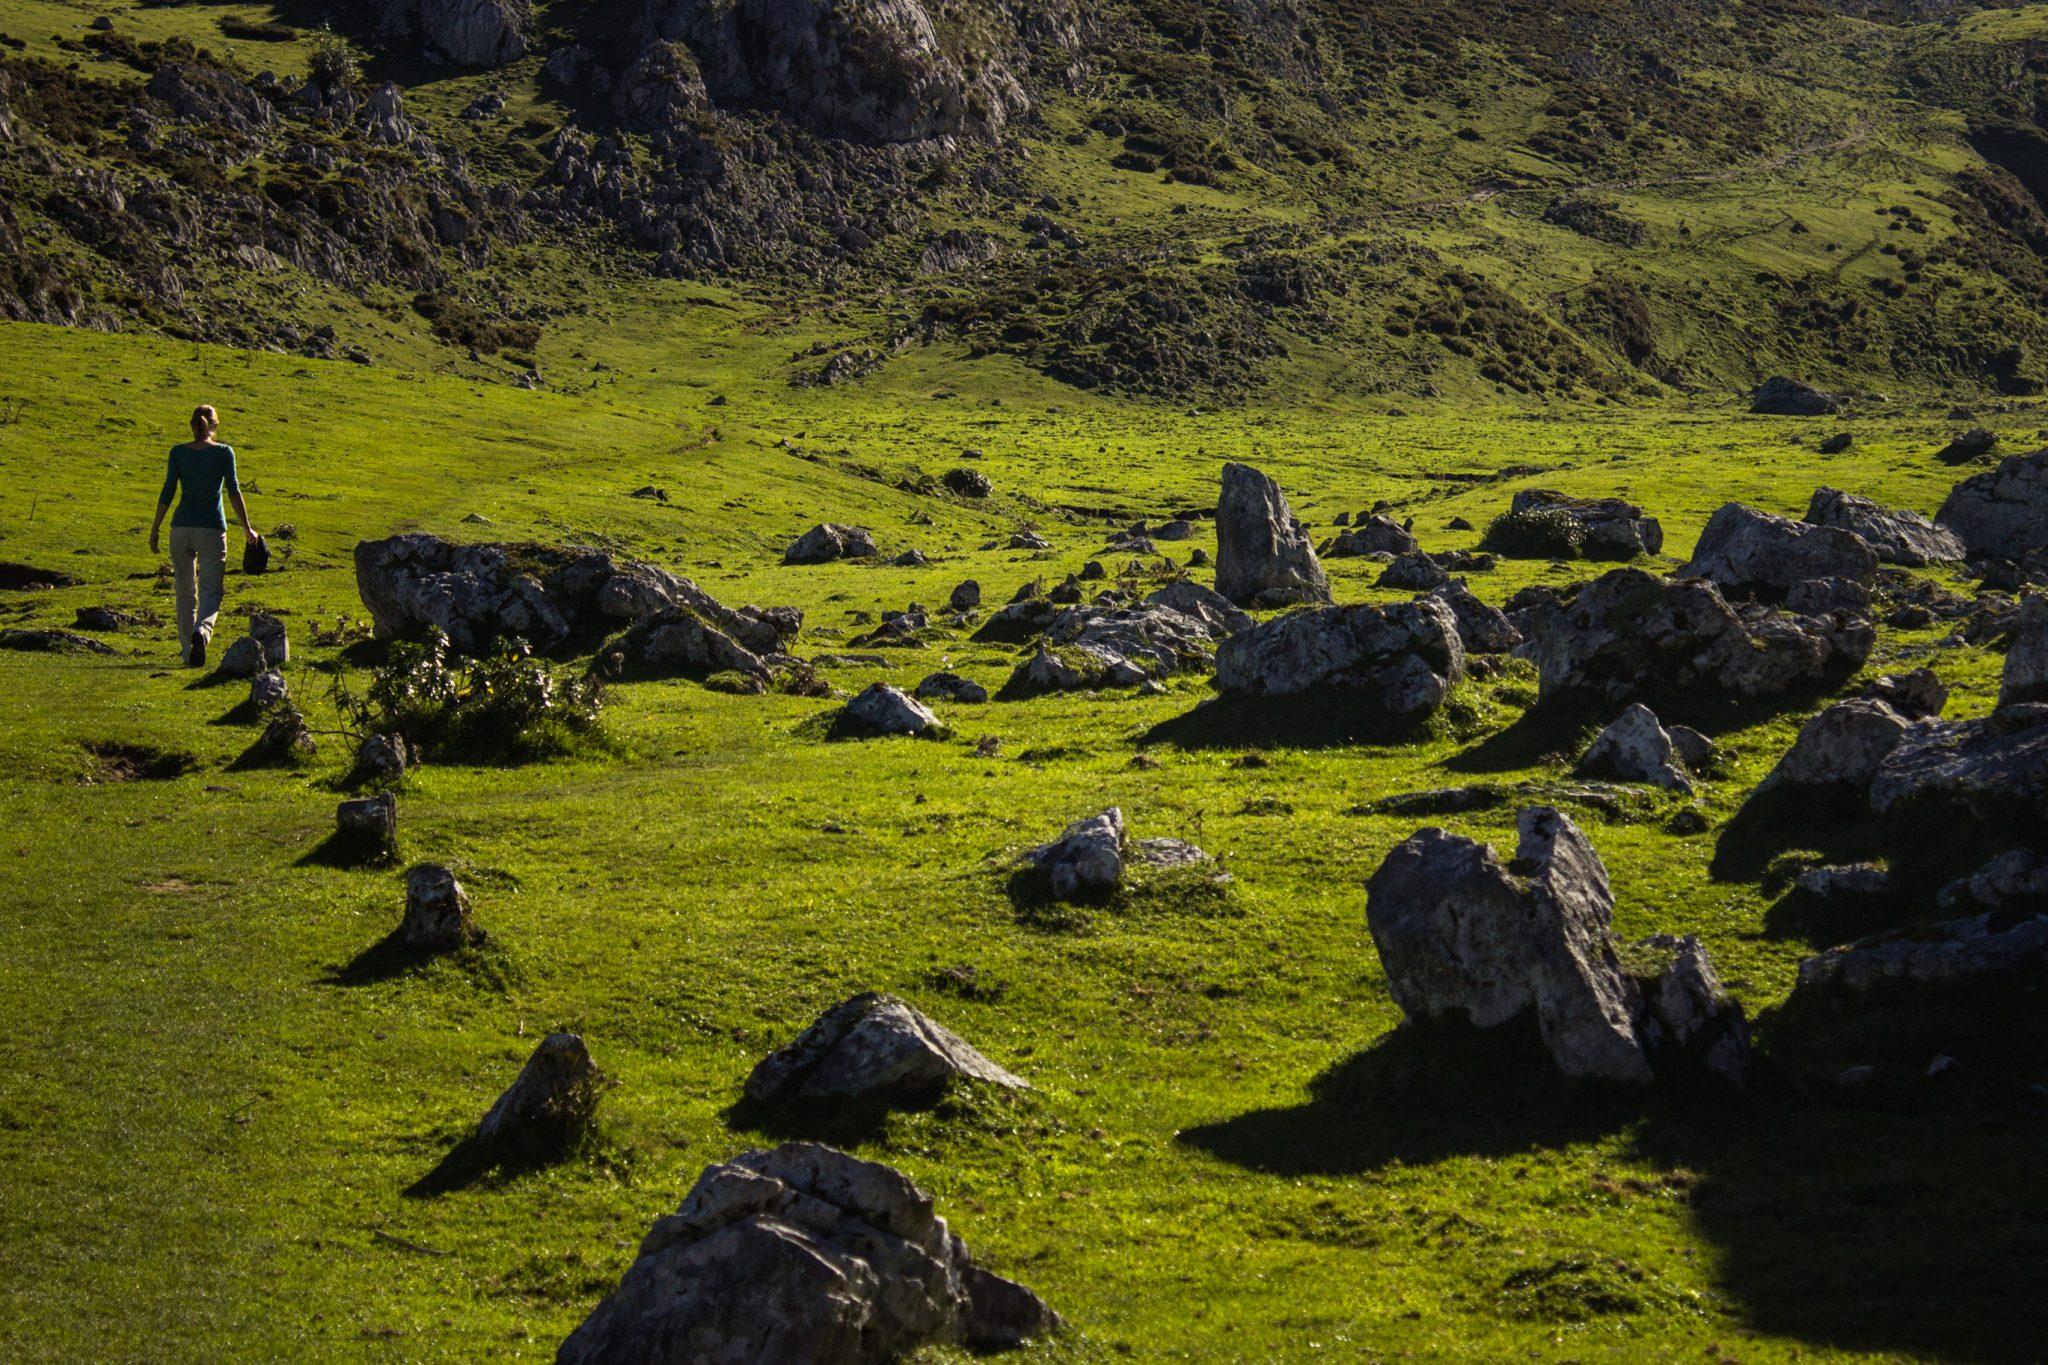 Wanderung Mirador de Ordiales Picos de Europa Spanien, saftig grüne Wiesen Ende Oktober, schönstes Wanderwetter, unendlich viele Steine und Felsen